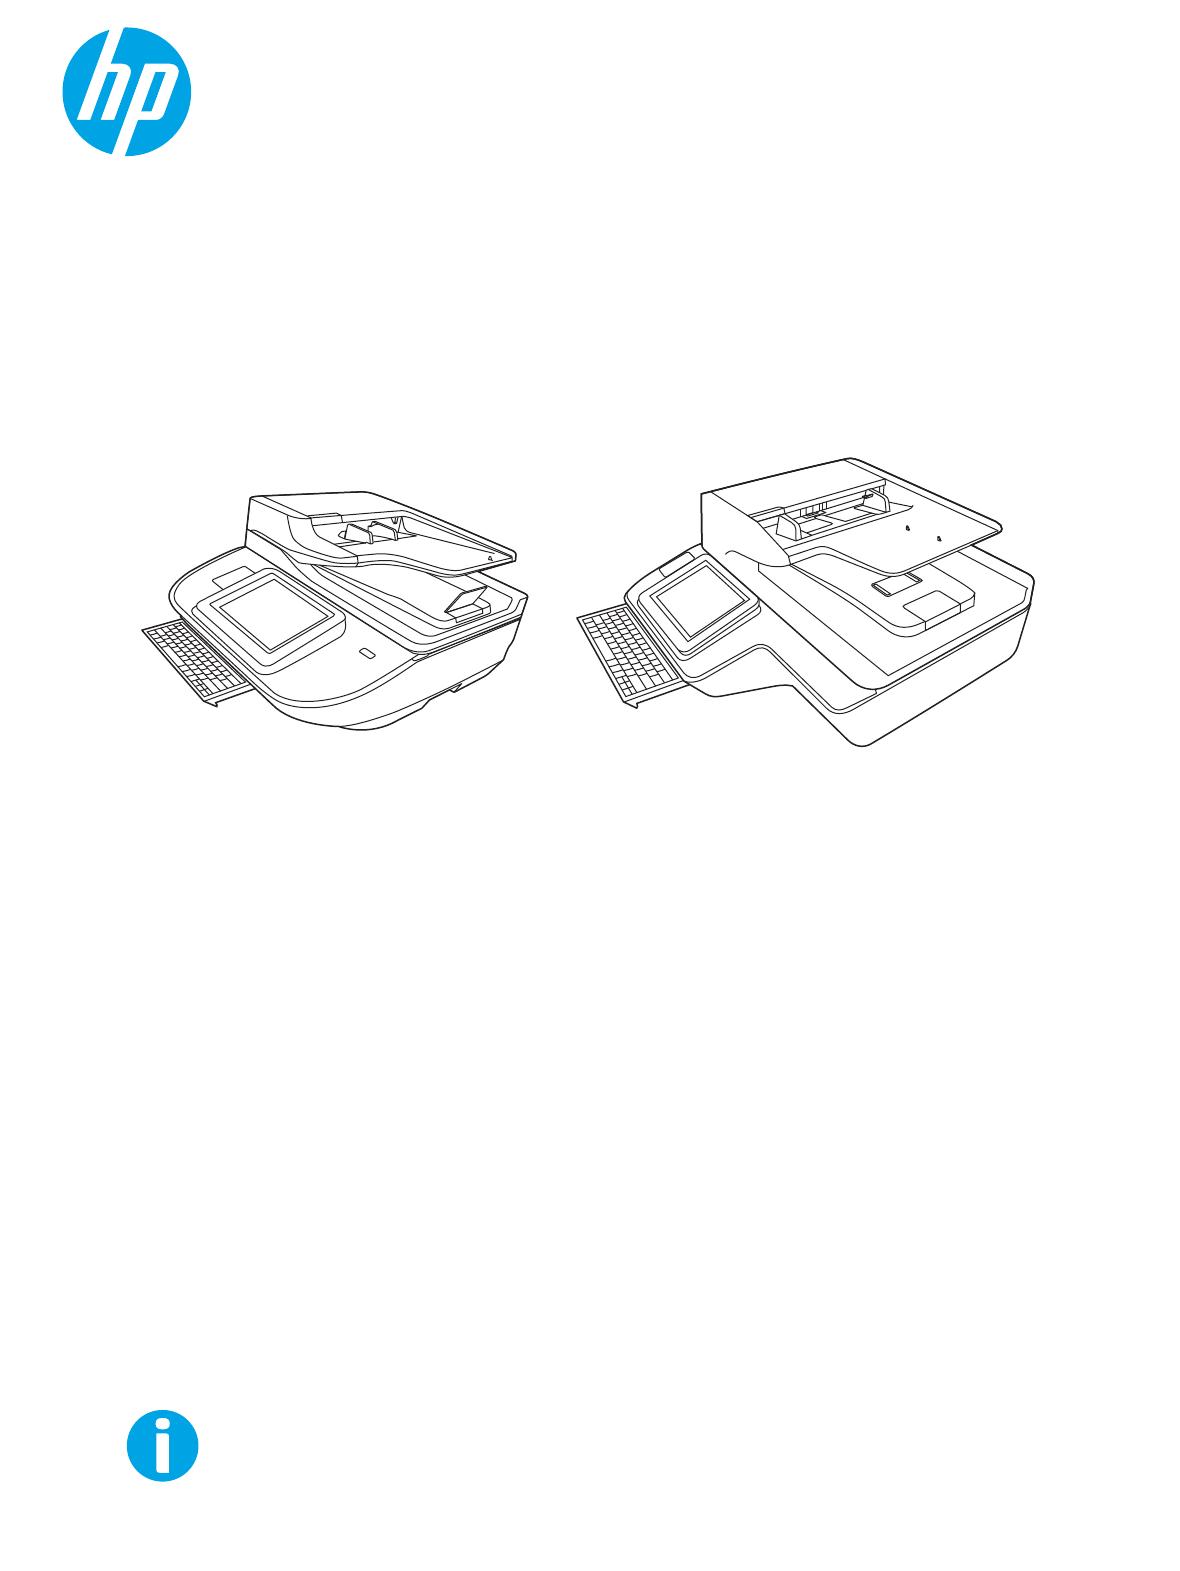 HP Digital Sender Flow 8500 Fn2 Capture Workstation